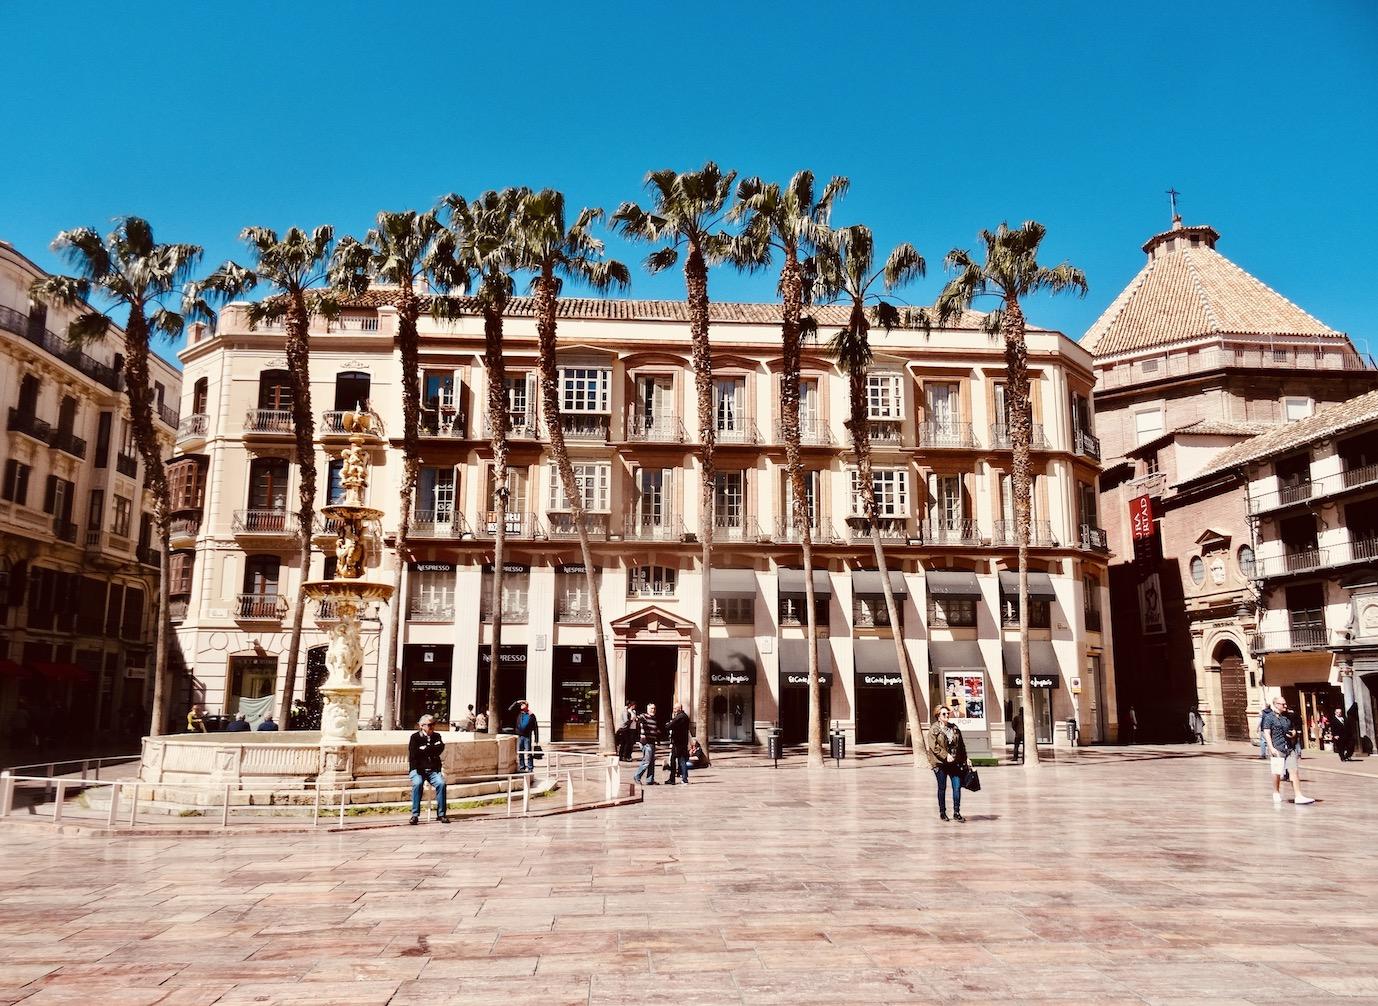 Plaza de la Constitucion Malaga.